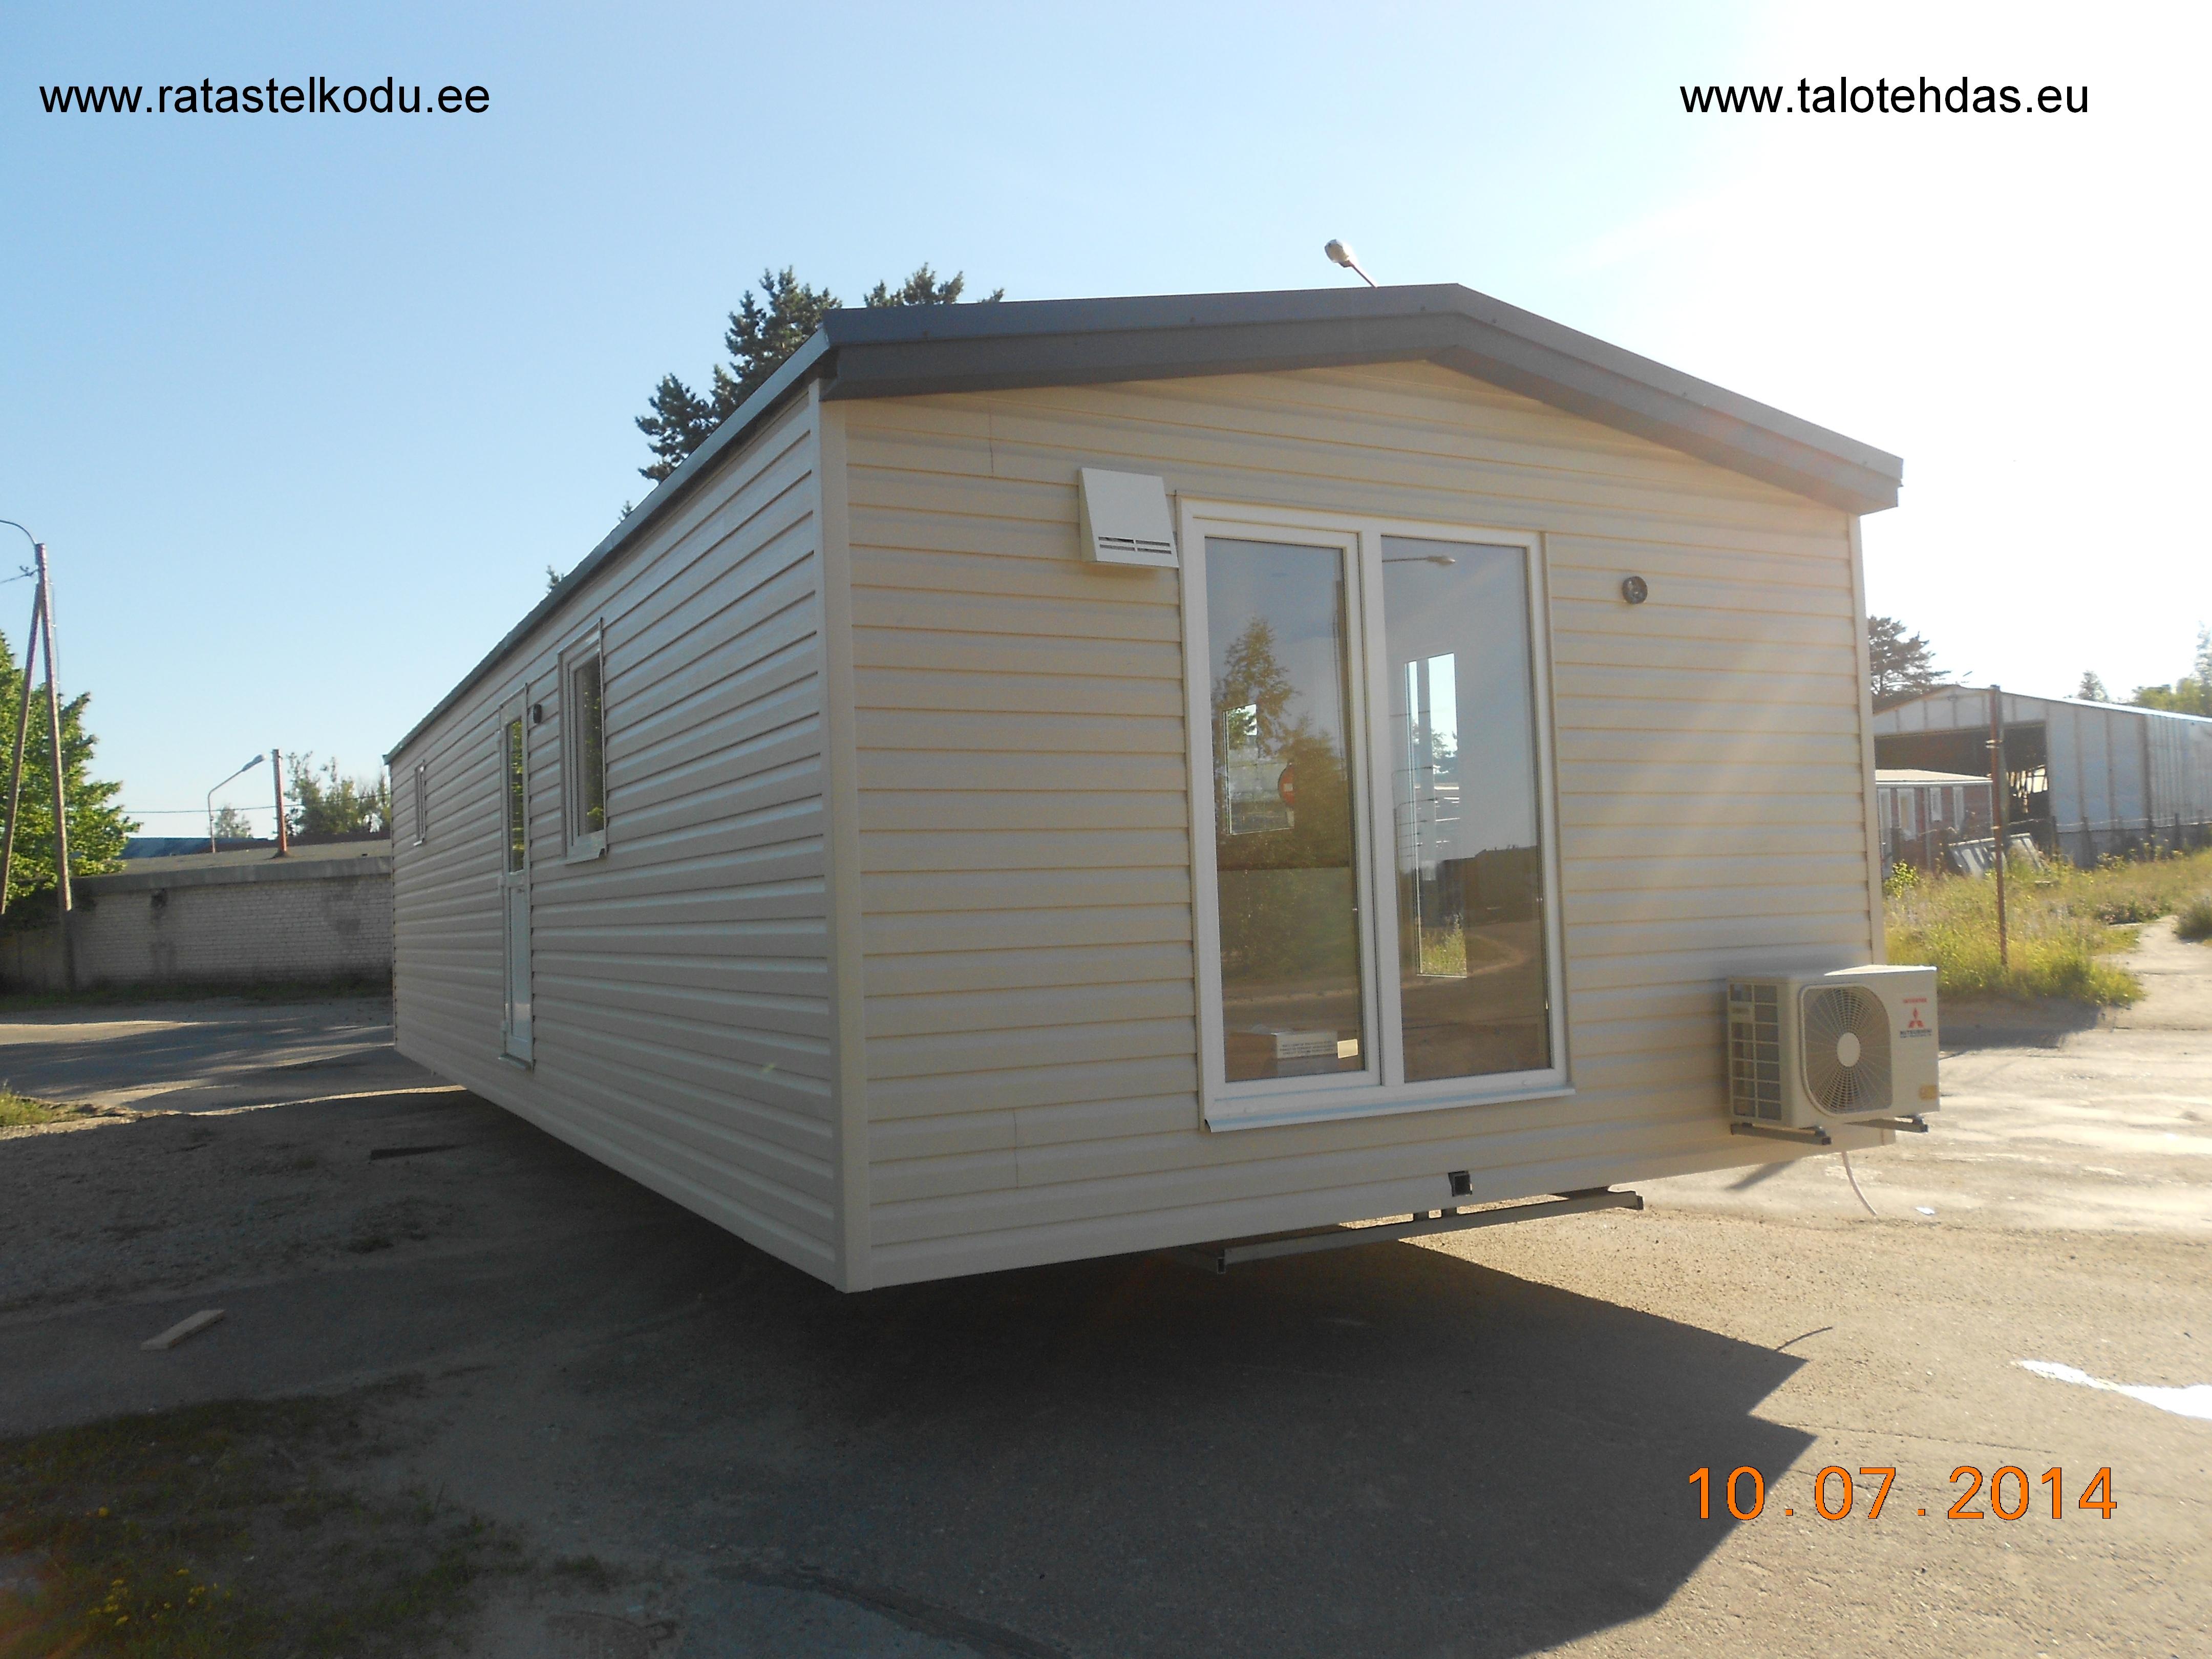 Talovaunu Virosta, Asuntovaunu Siirrettävät talot Talovaunut Avaimet käteen talopaketti